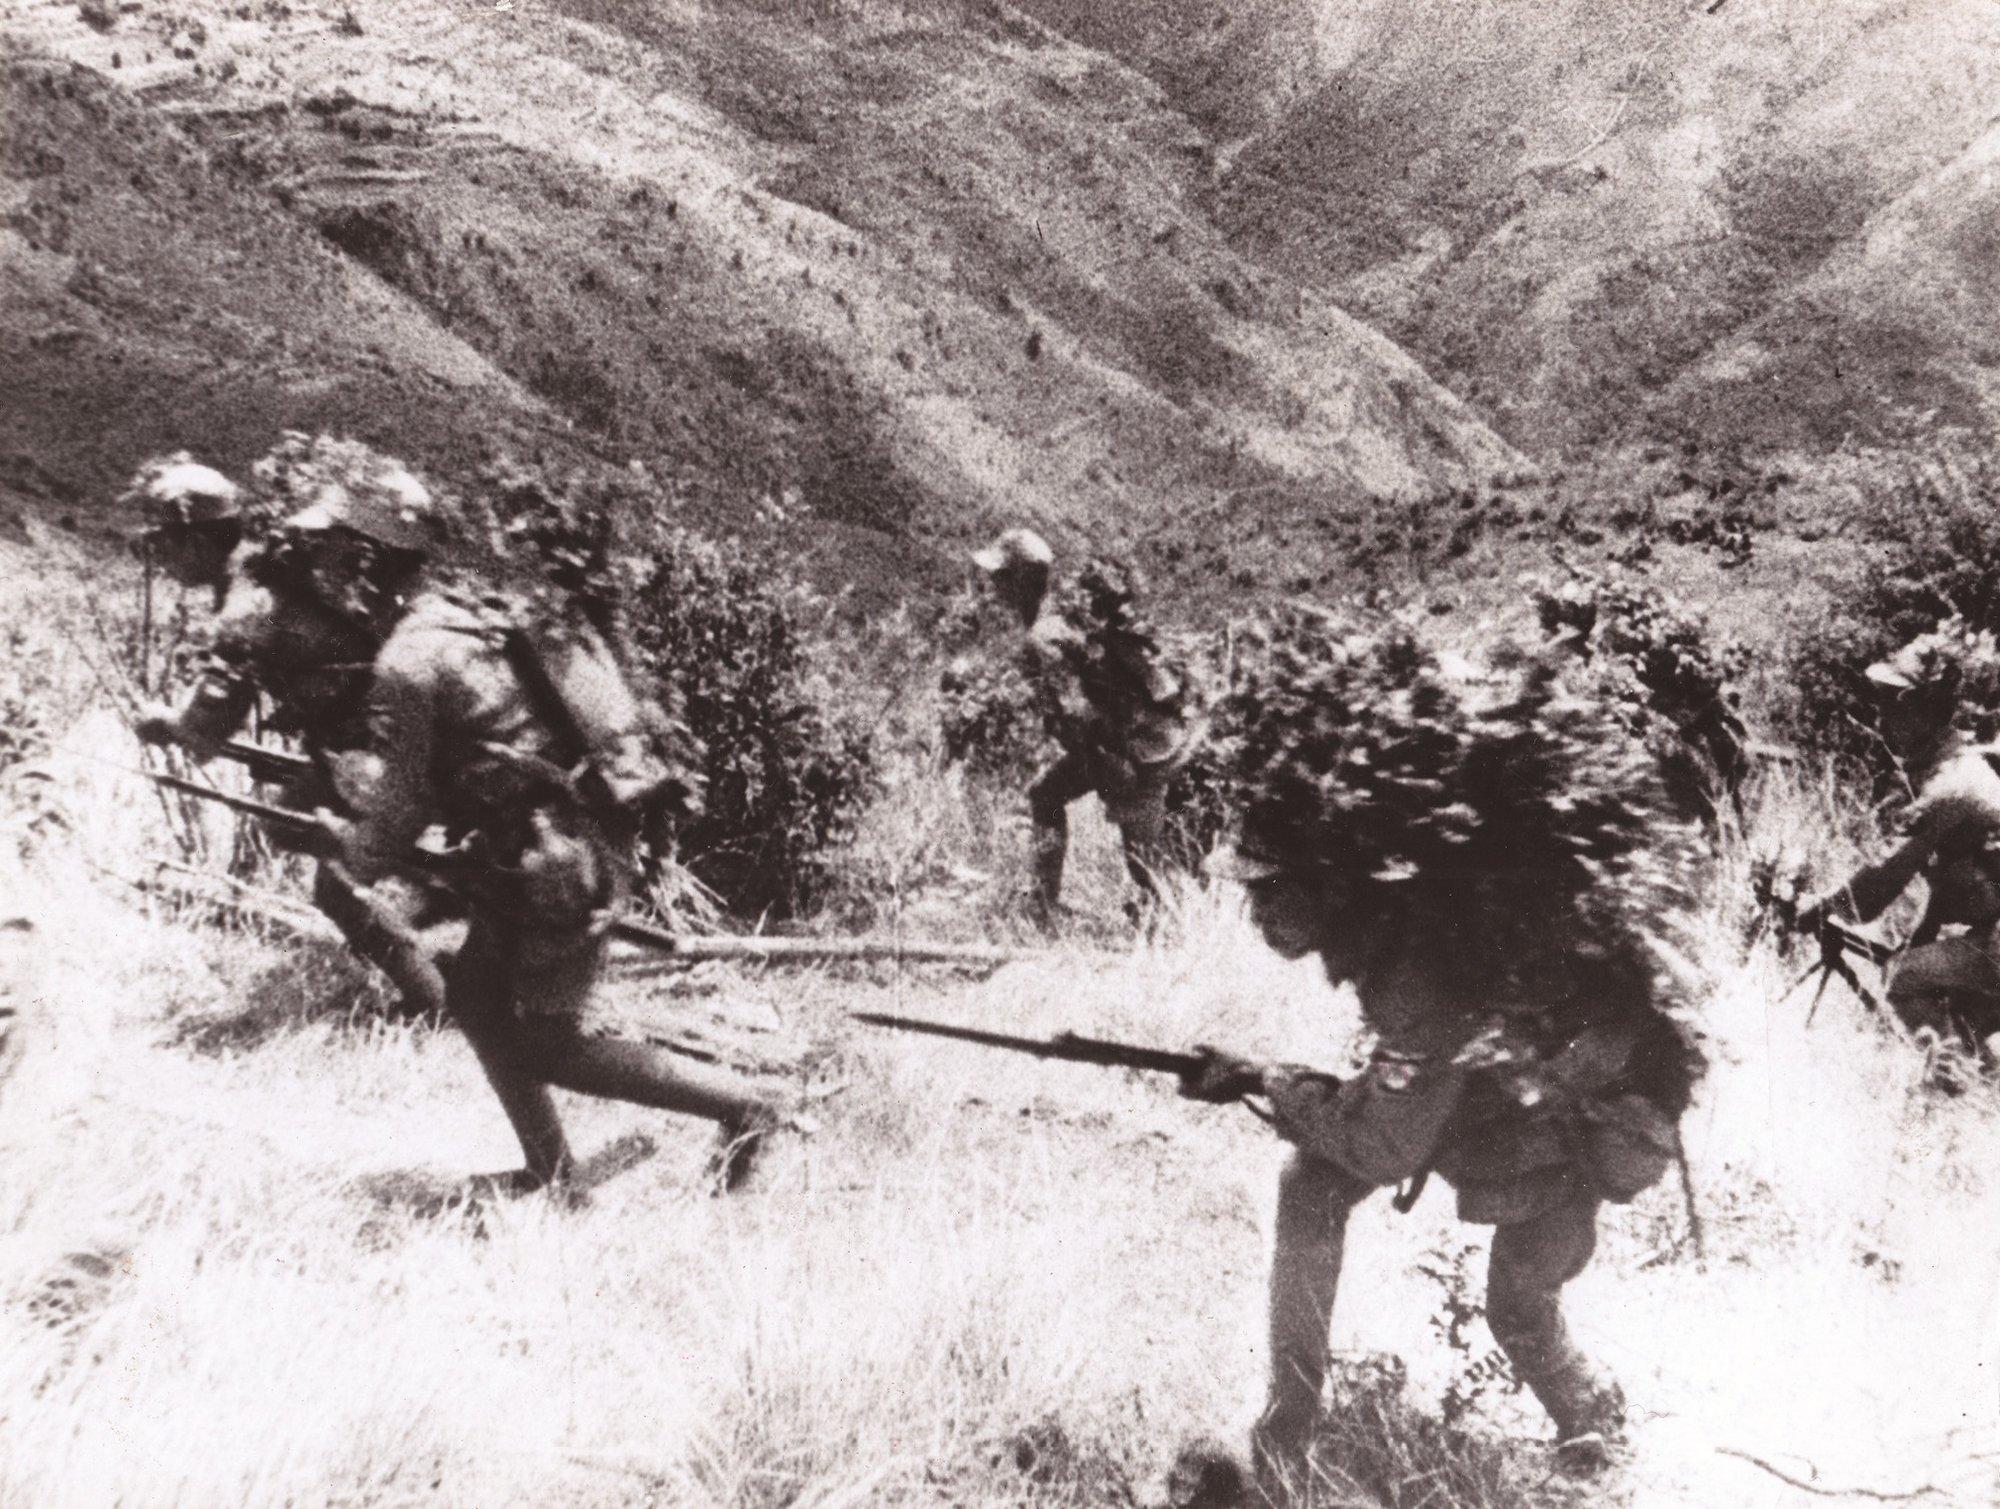 在一次阻击日军进攻的战斗中,中国士兵在掩护下向山上冲锋。拍摄于缅甸边境一侧的怒江沿岸,1943年6月22日。